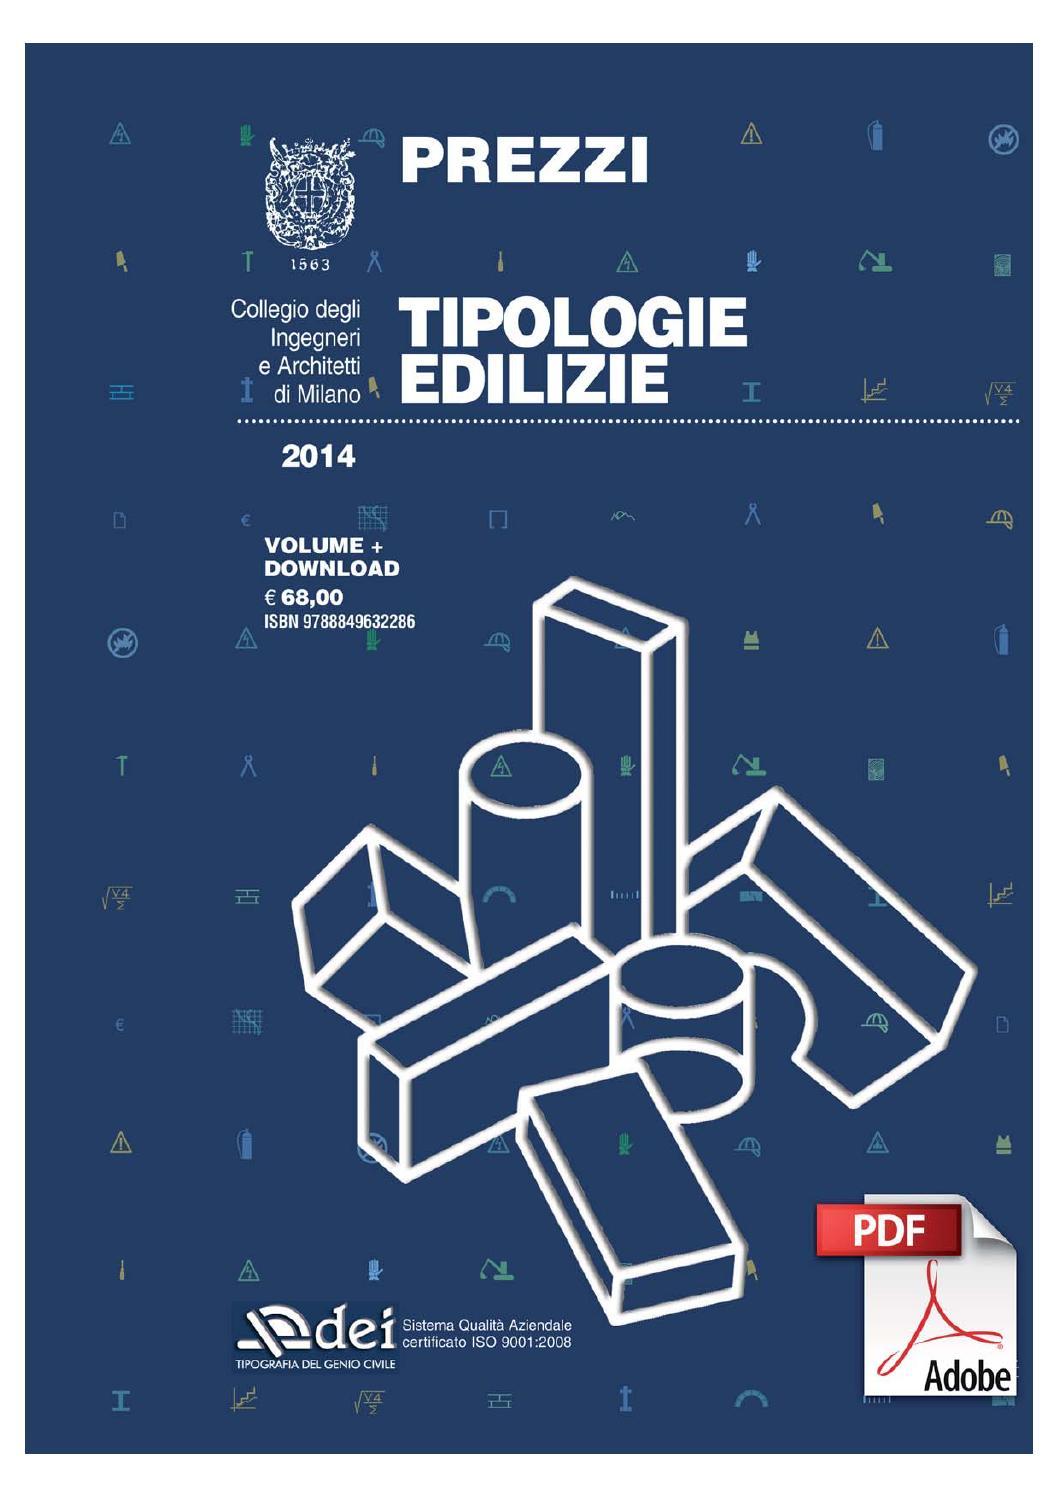 Prezzi tipologie edilizie 2016 confortevole soggiorno nella casa - Prezzario camera di commercio ...